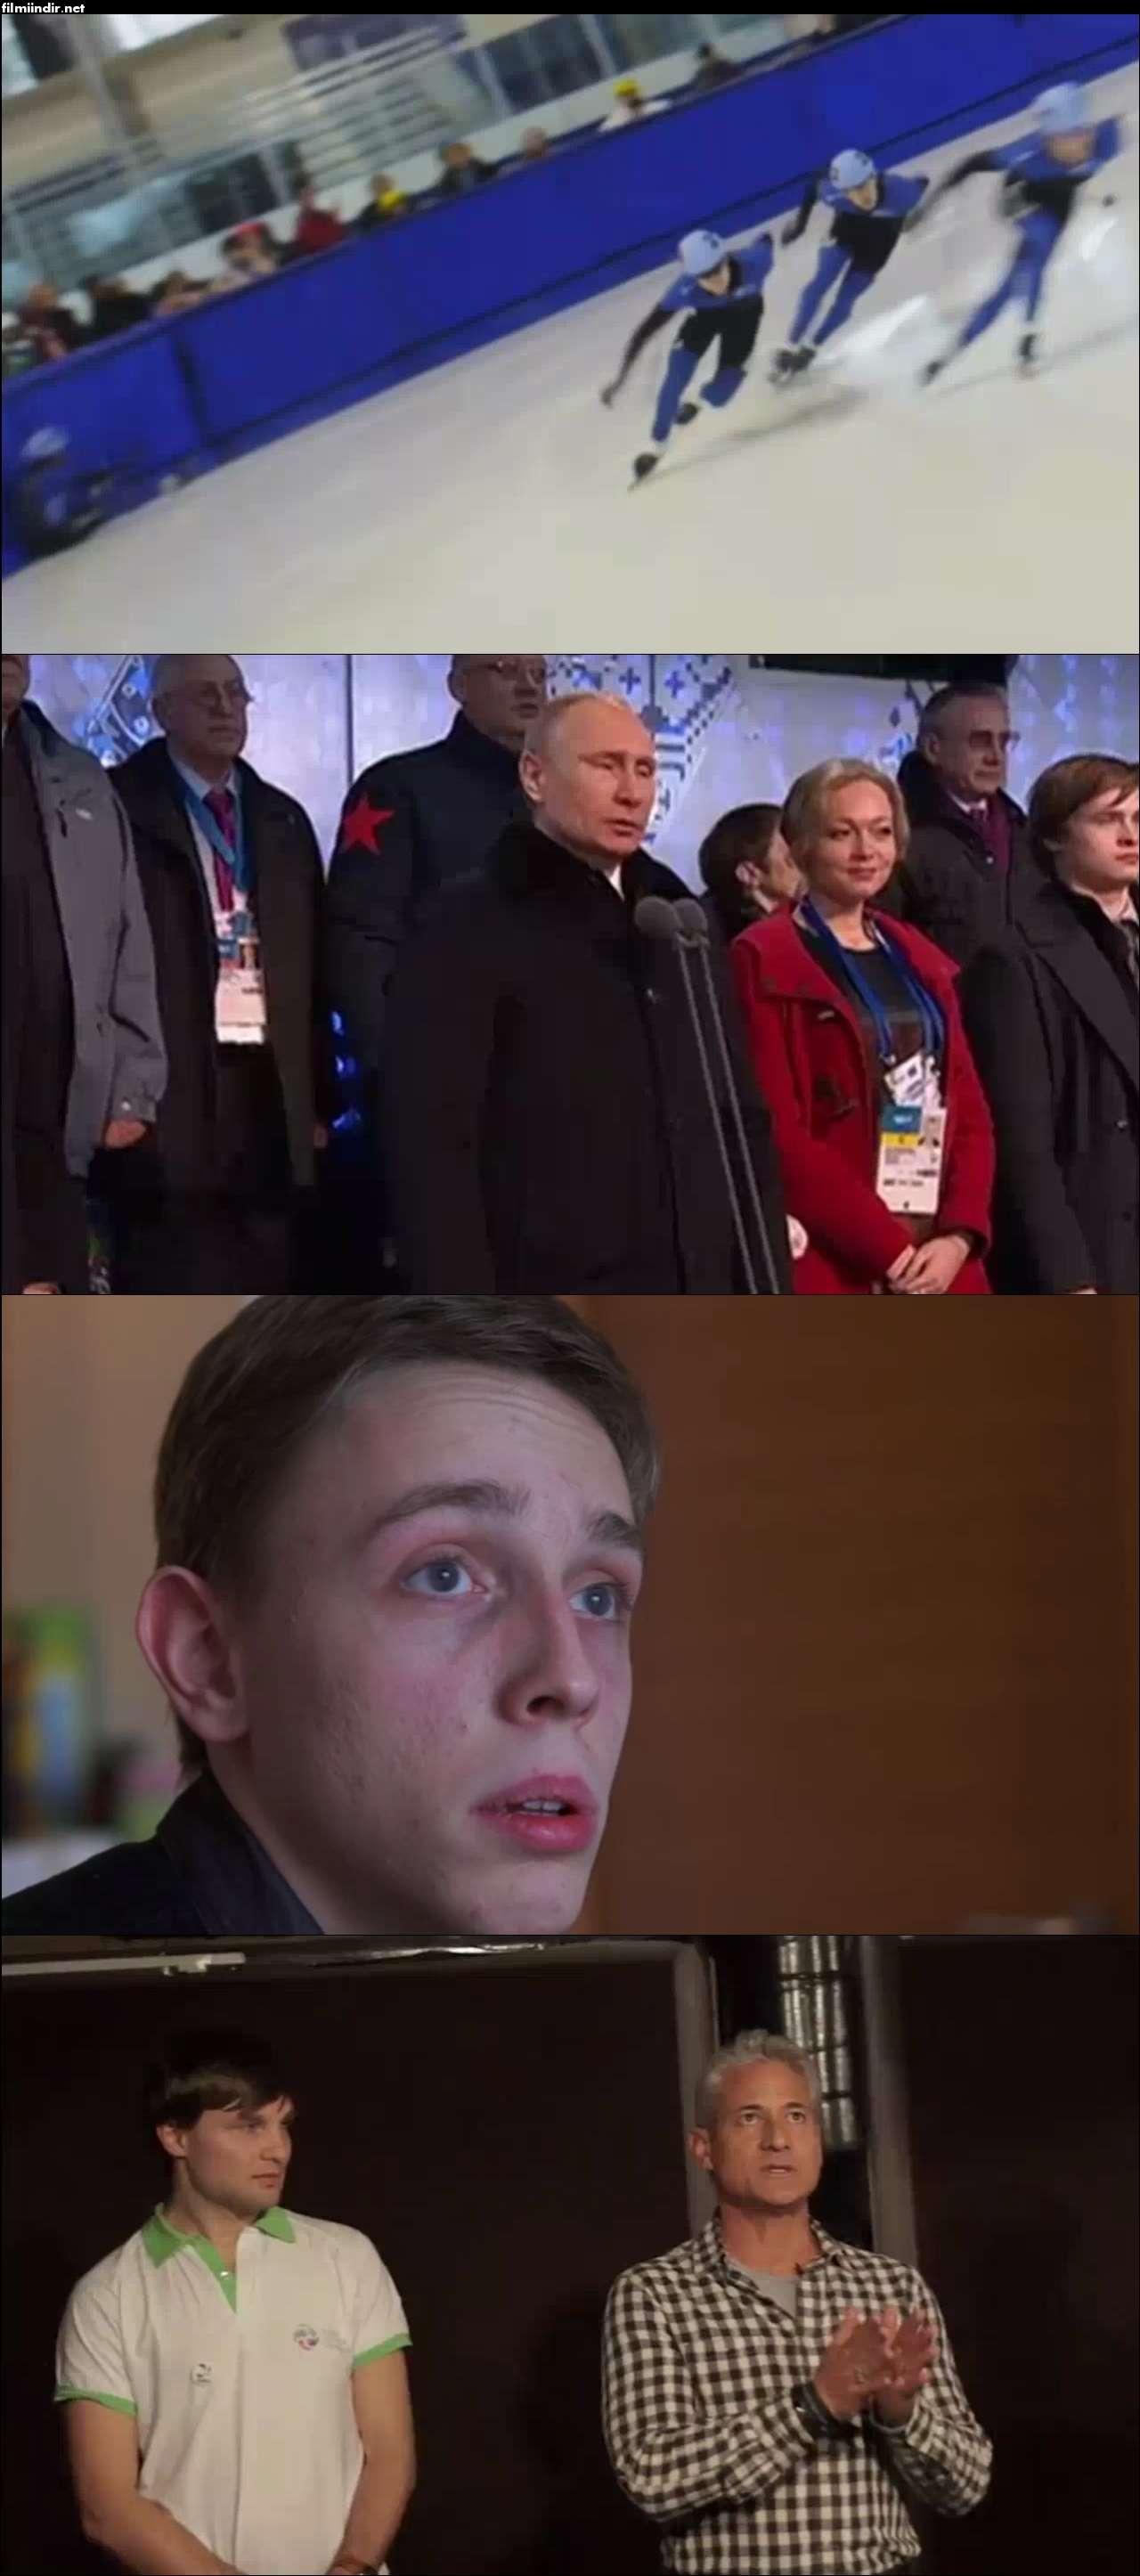 Rusya'ya Sevgilerle - To Russia with Love (2014) türkçe dublaj belgesel indir